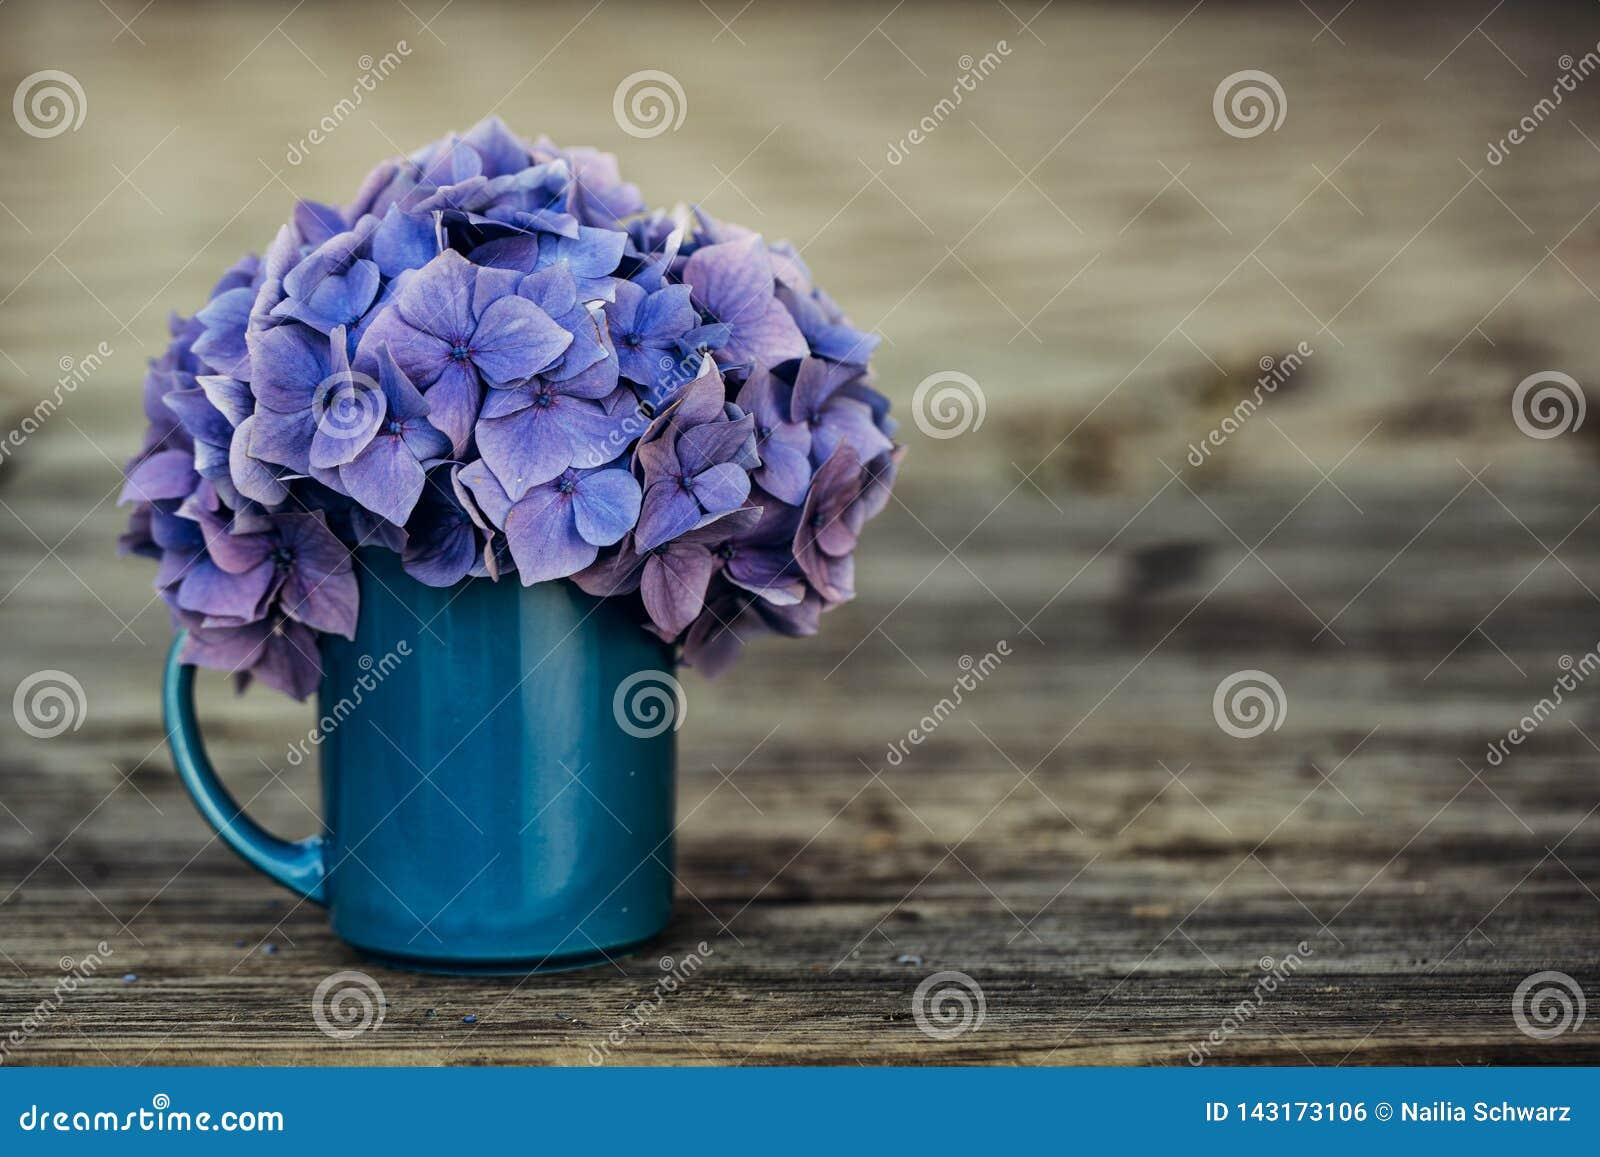 Stilleven met Hortensia Flowers